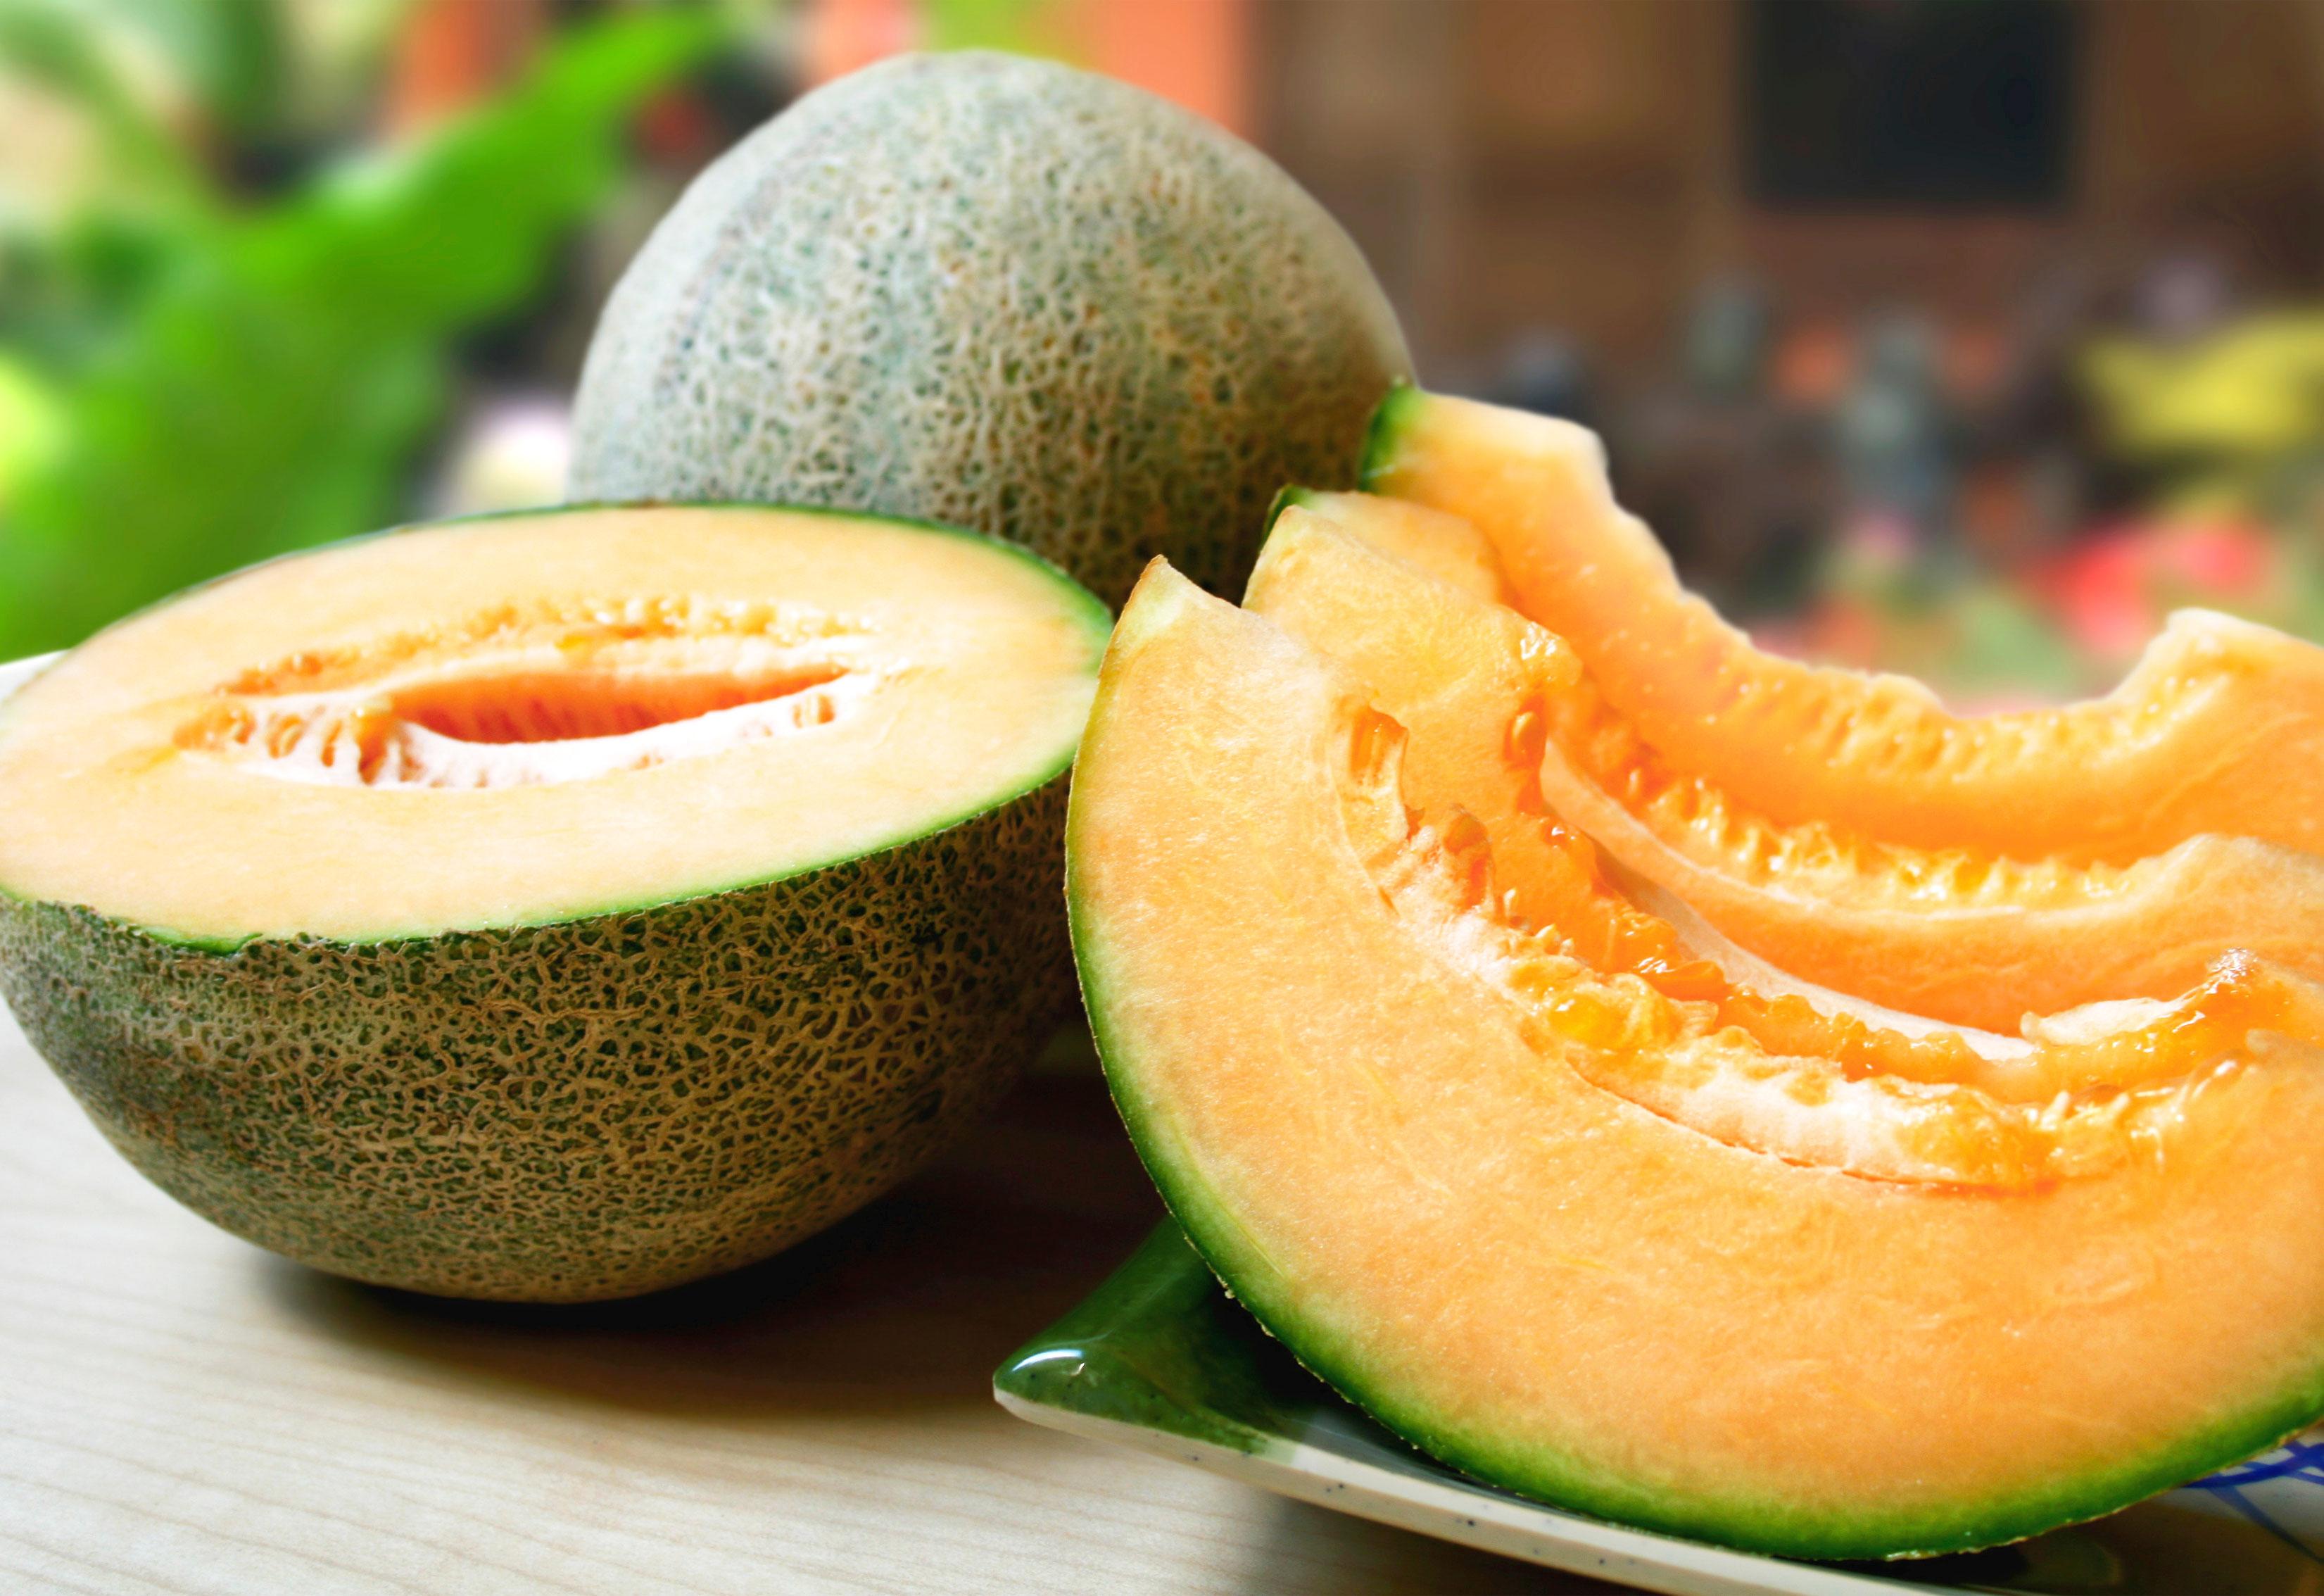 Fast weight loss diet menu plan maximize fat loss